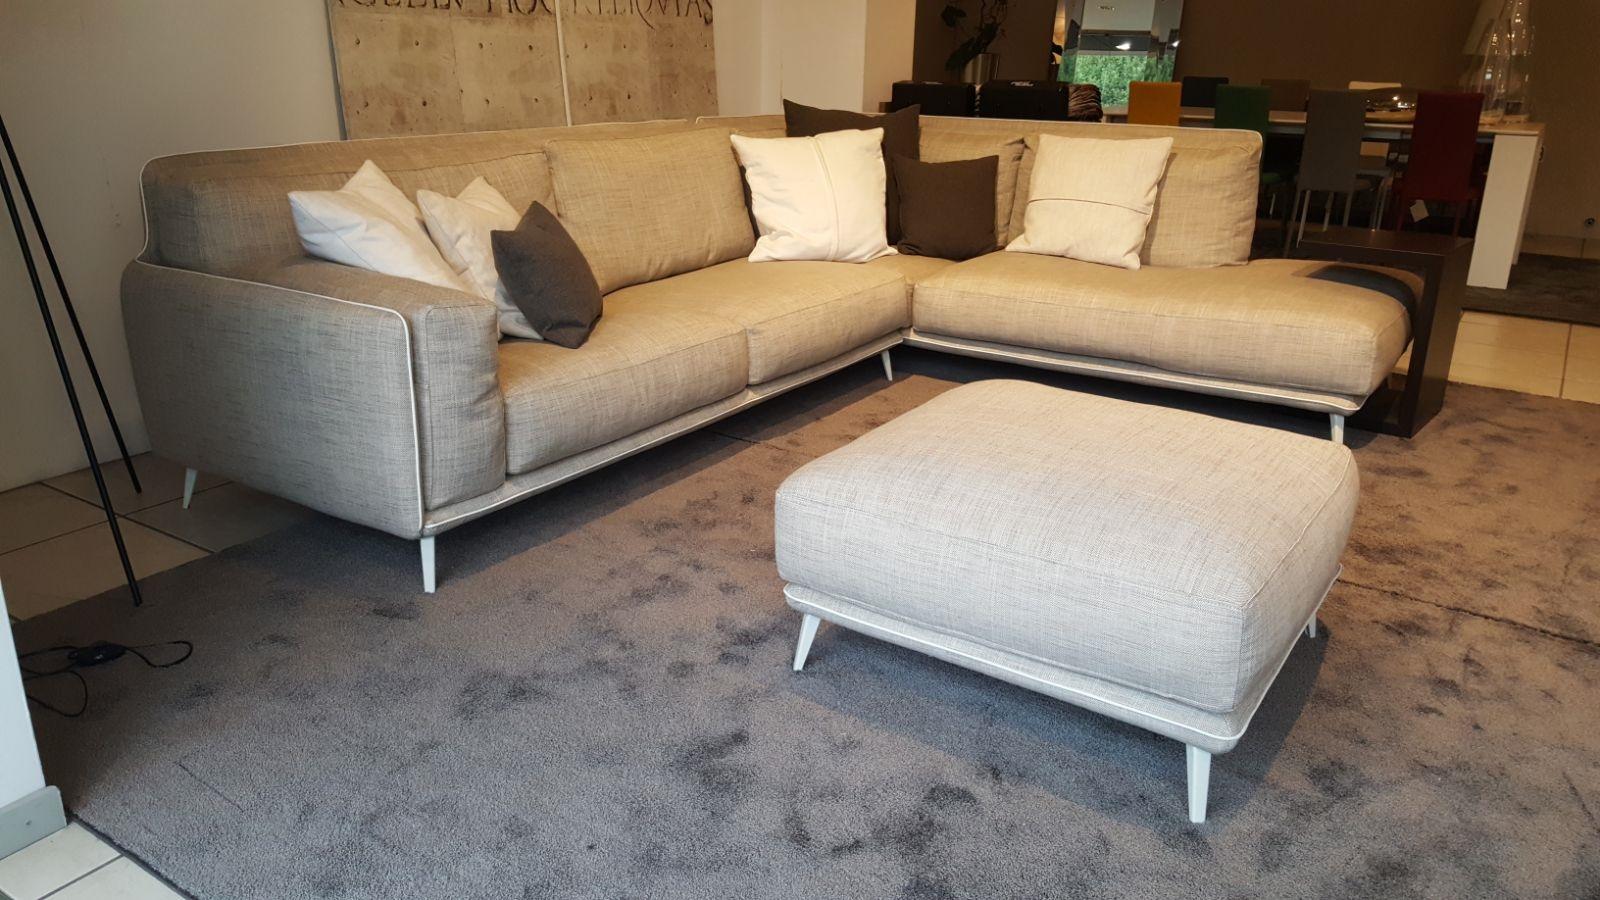 Divano ditre italia divano kris 3 posti con penisola con - Divano con pouf ...